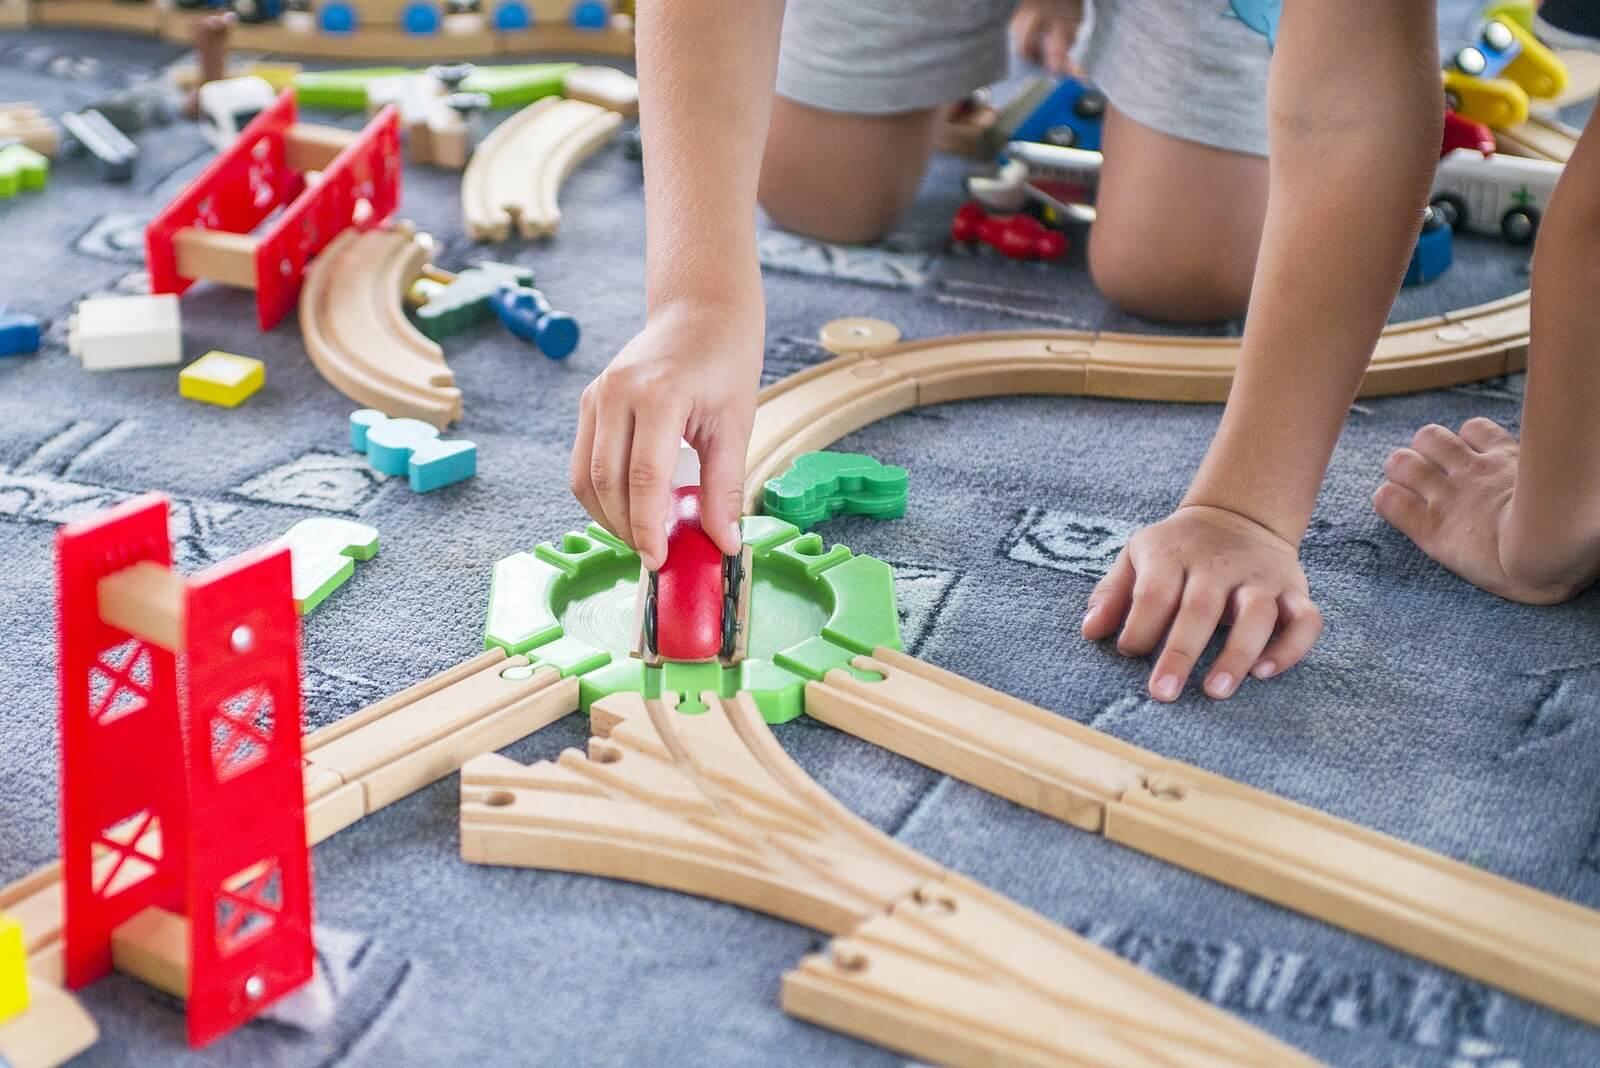 Niño jugando con trenes en su zona de juegos.